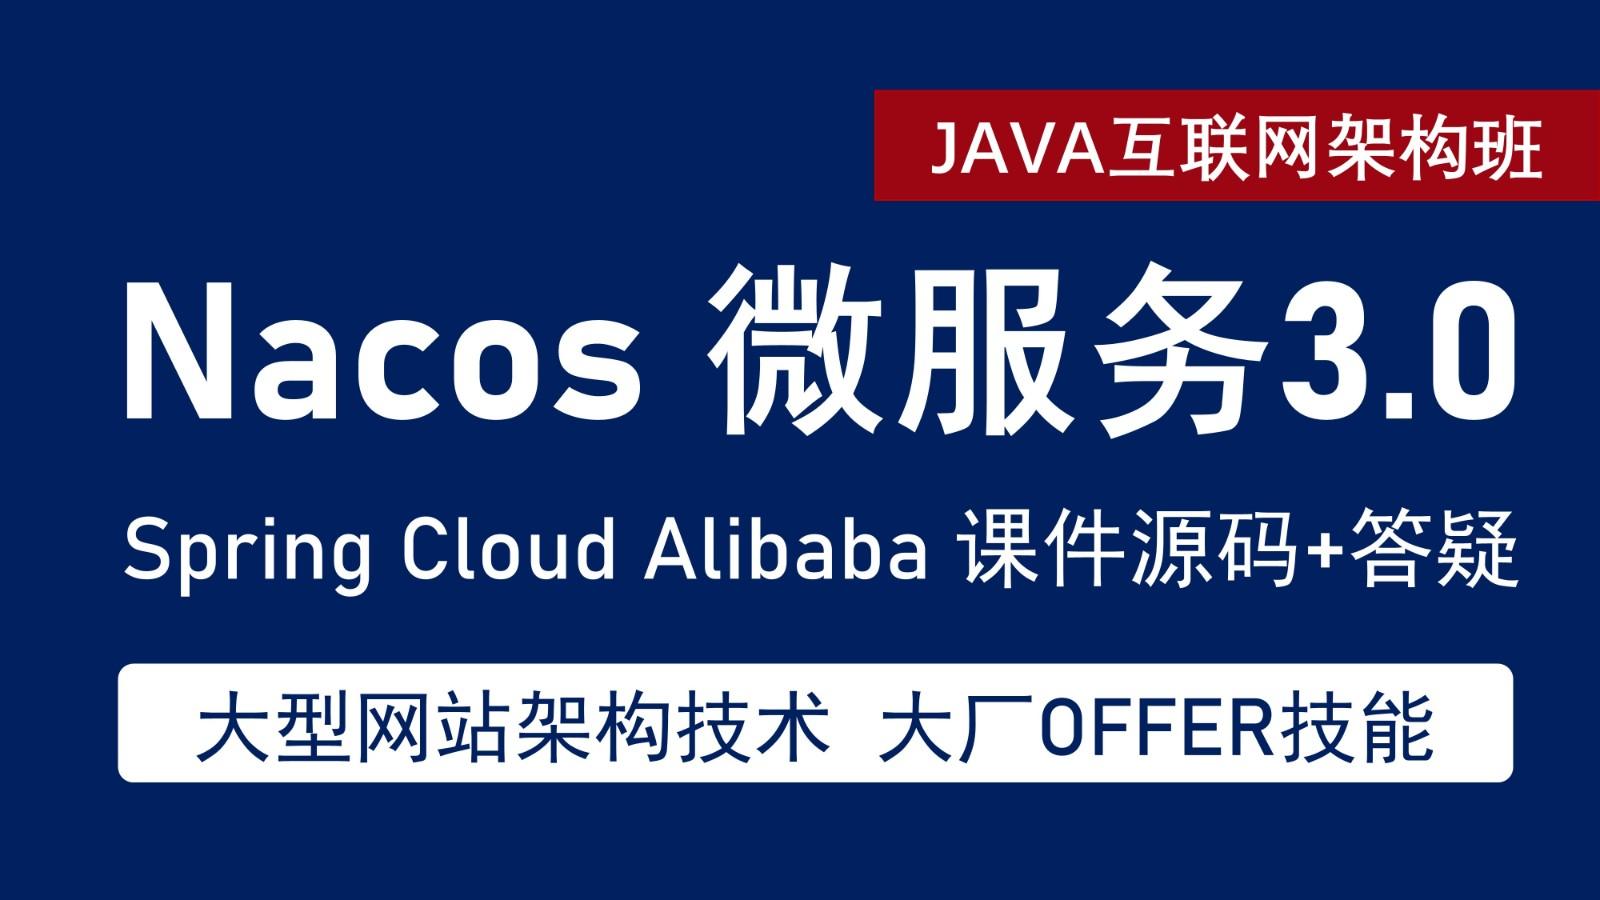 Spring Cloud Alibaba Nacos 微服务3.0 系统架构实战